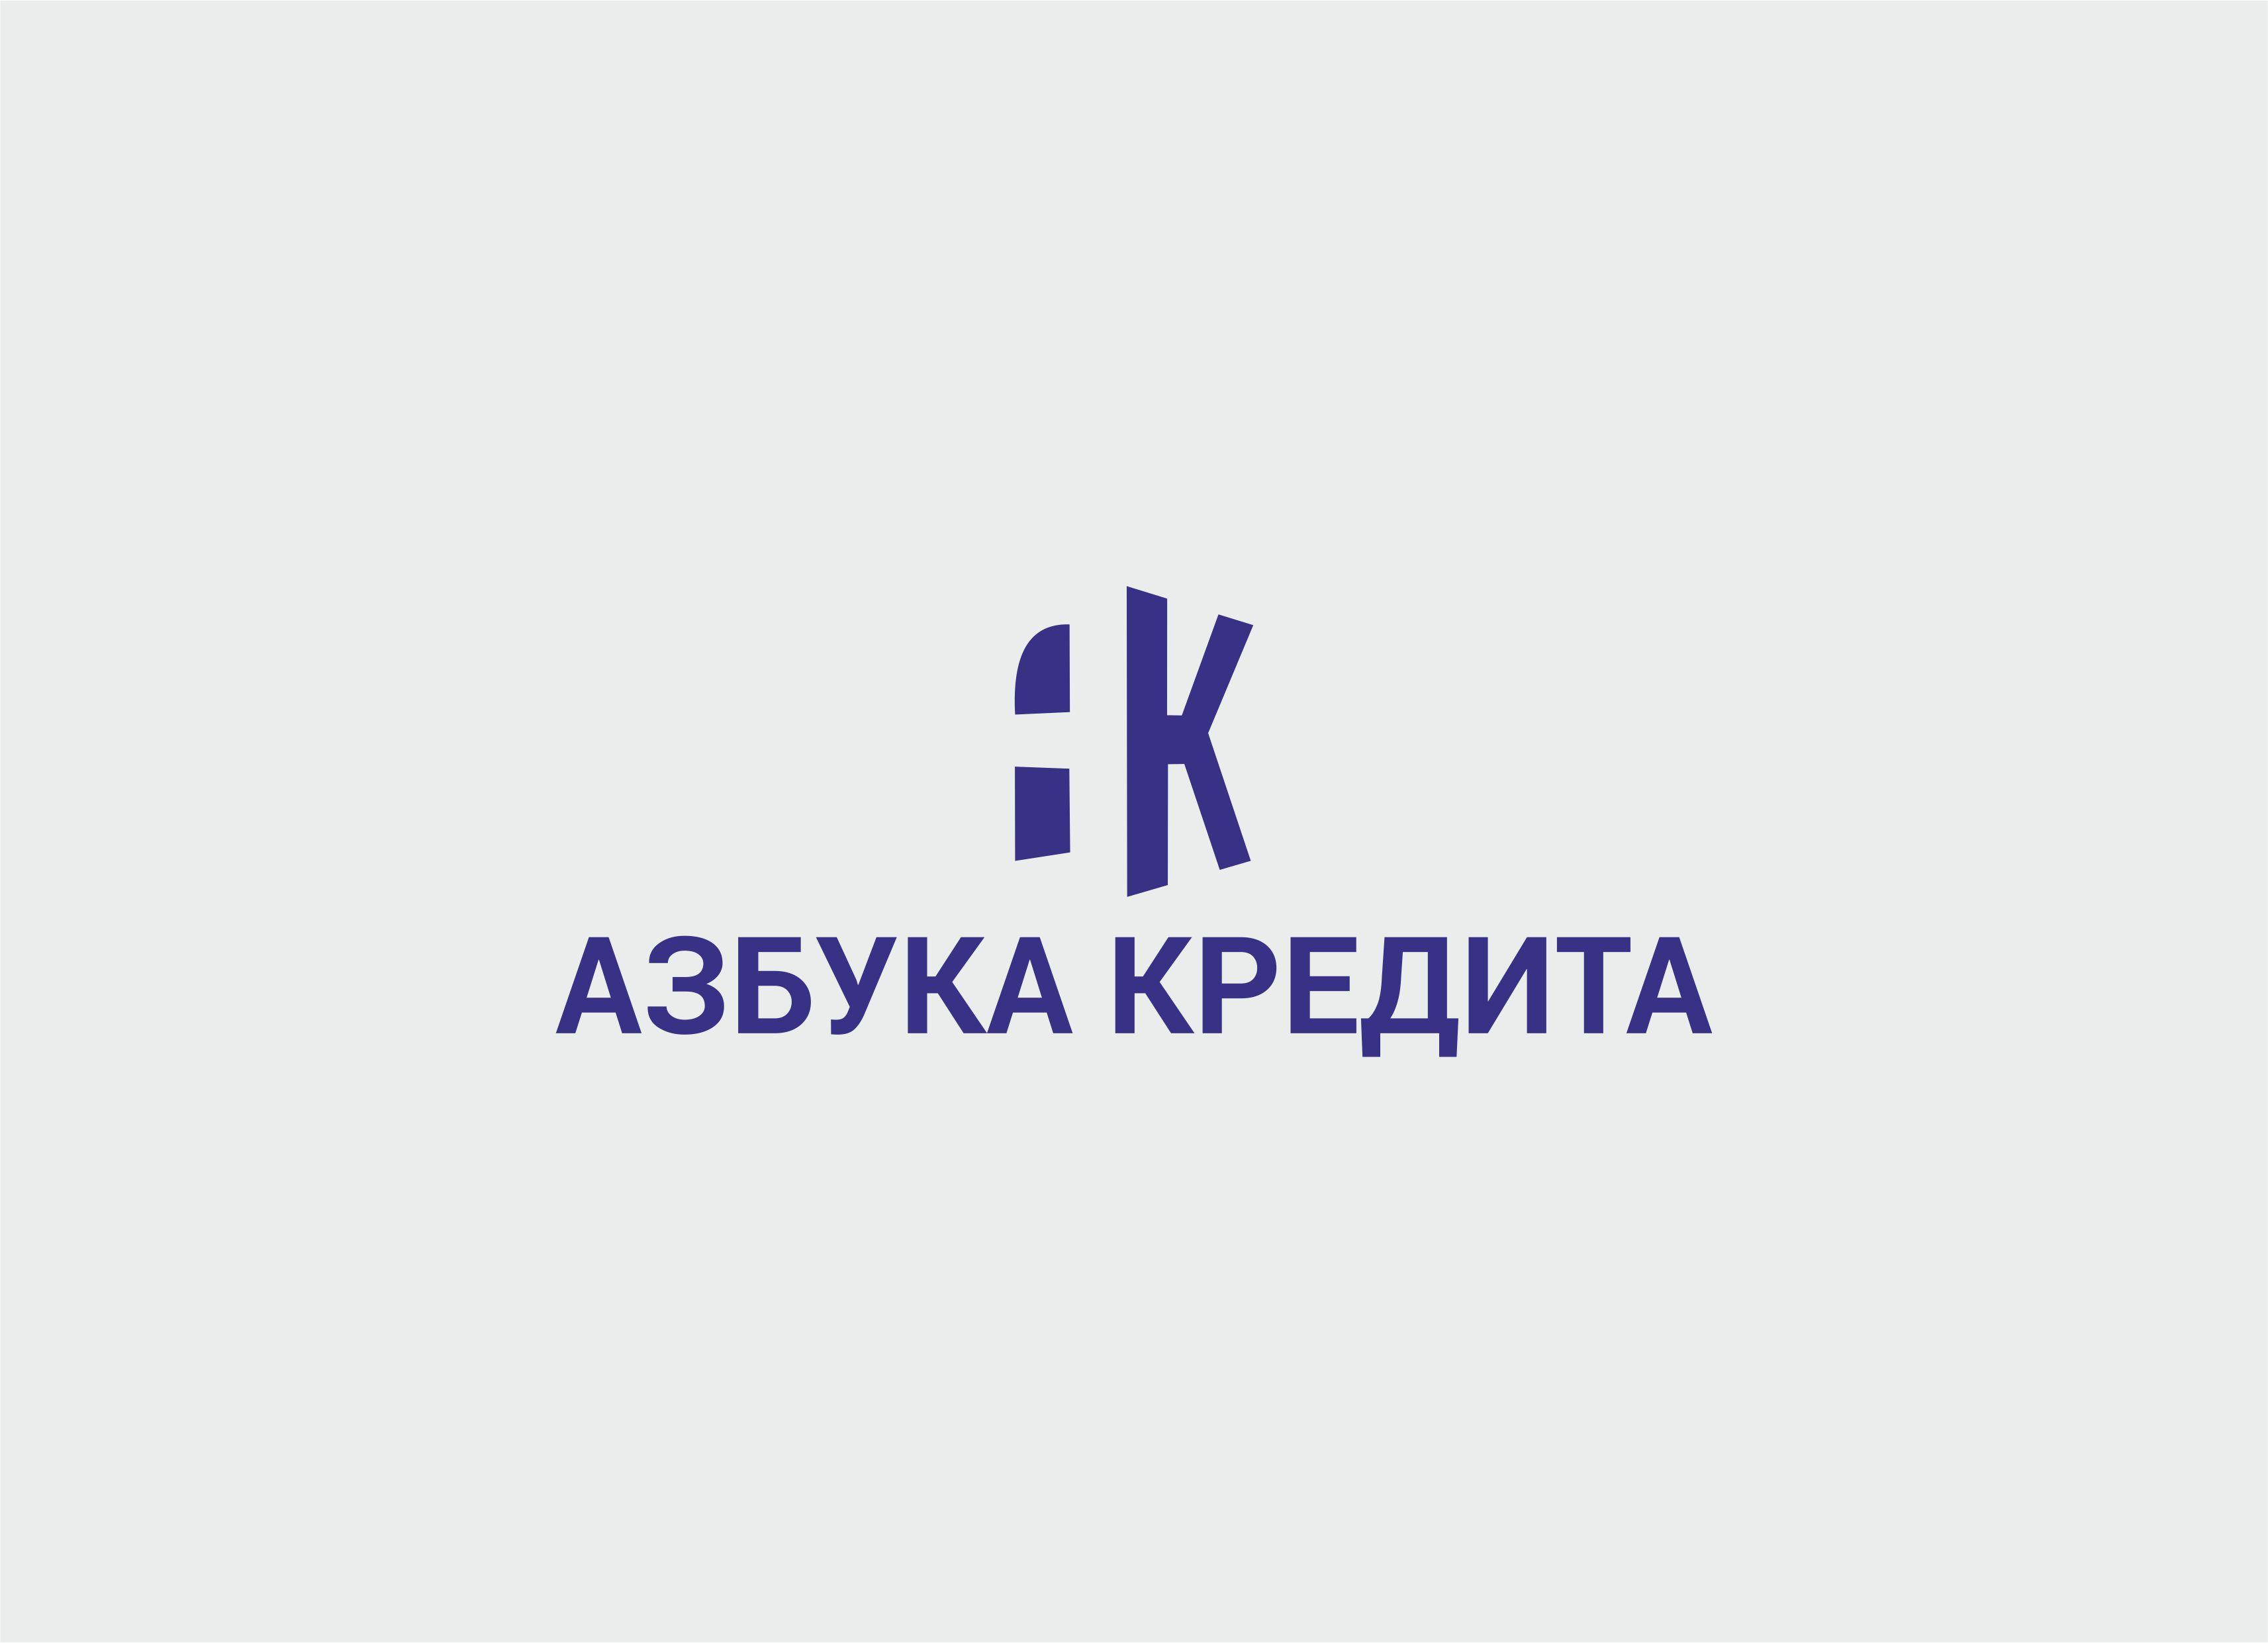 Разработать логотип для финансовой компании фото f_9385dee3374ae618.jpg